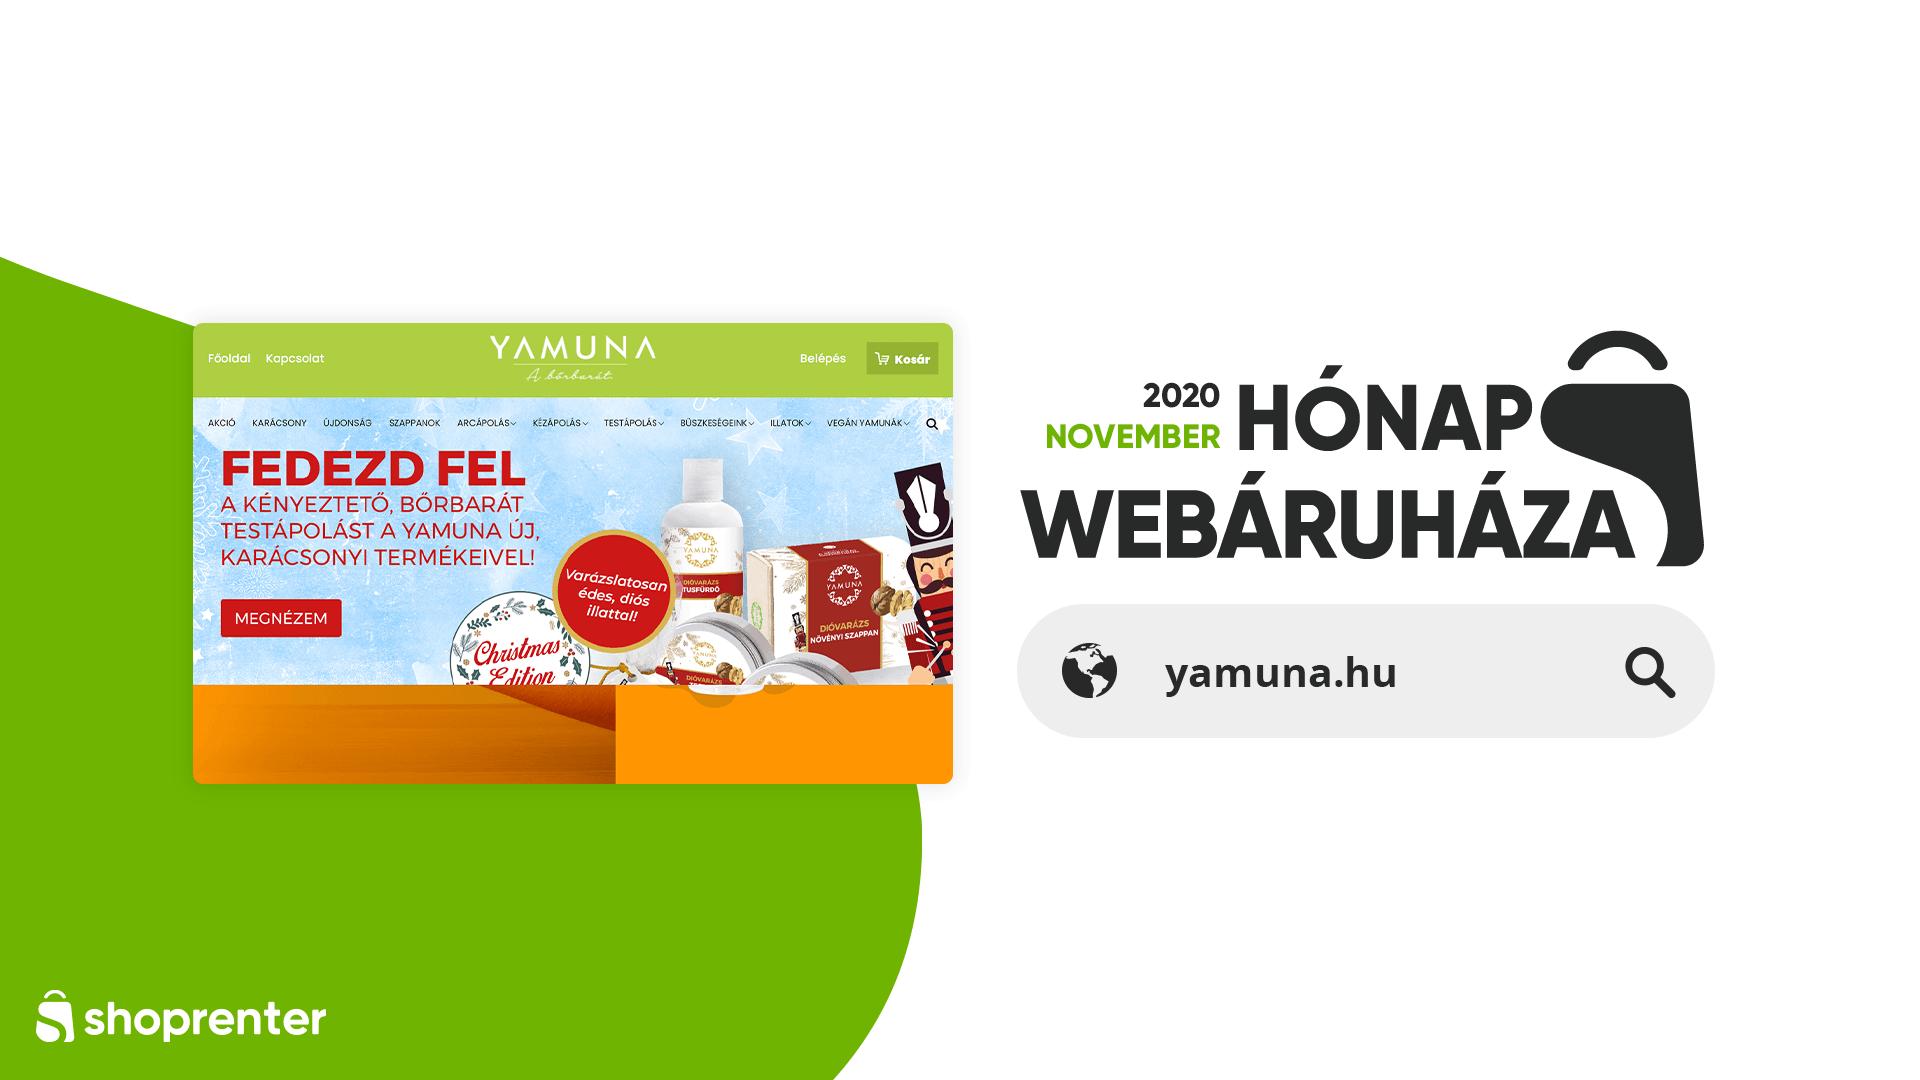 Hónap Webáruháza_Yamuna.hu